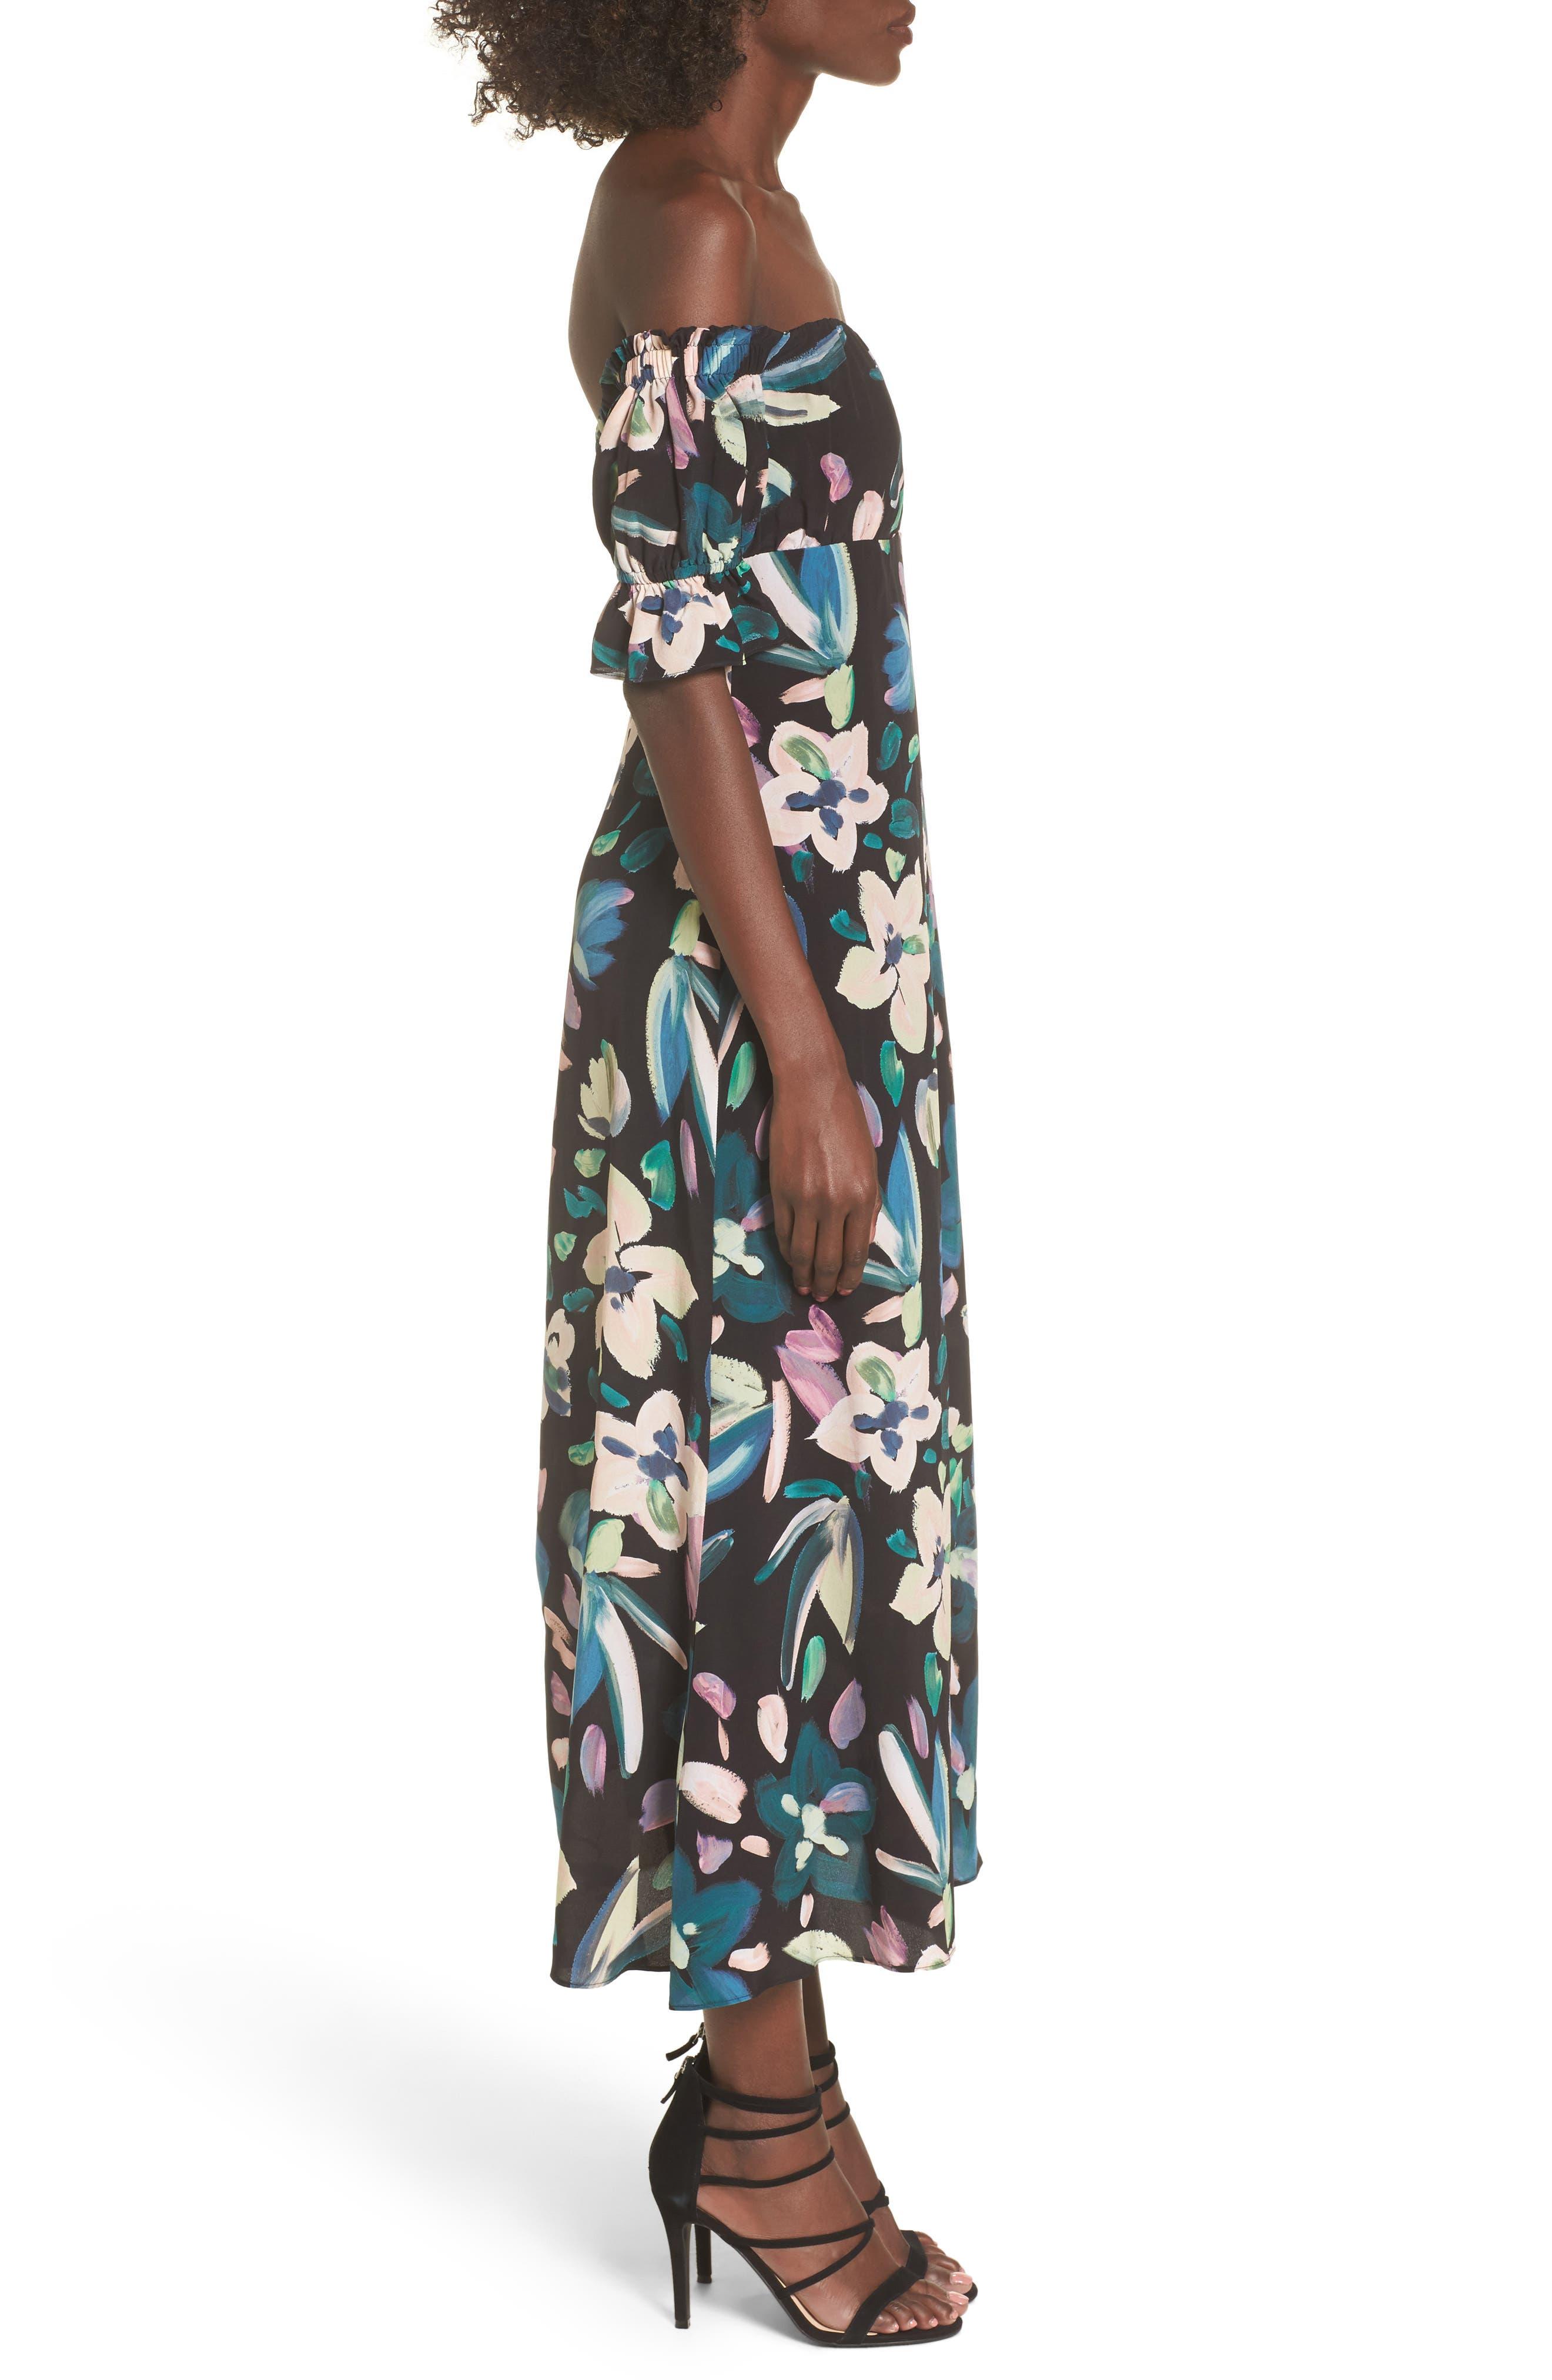 Flores Off the Shoulder Midi Dress,                             Alternate thumbnail 3, color,                             001